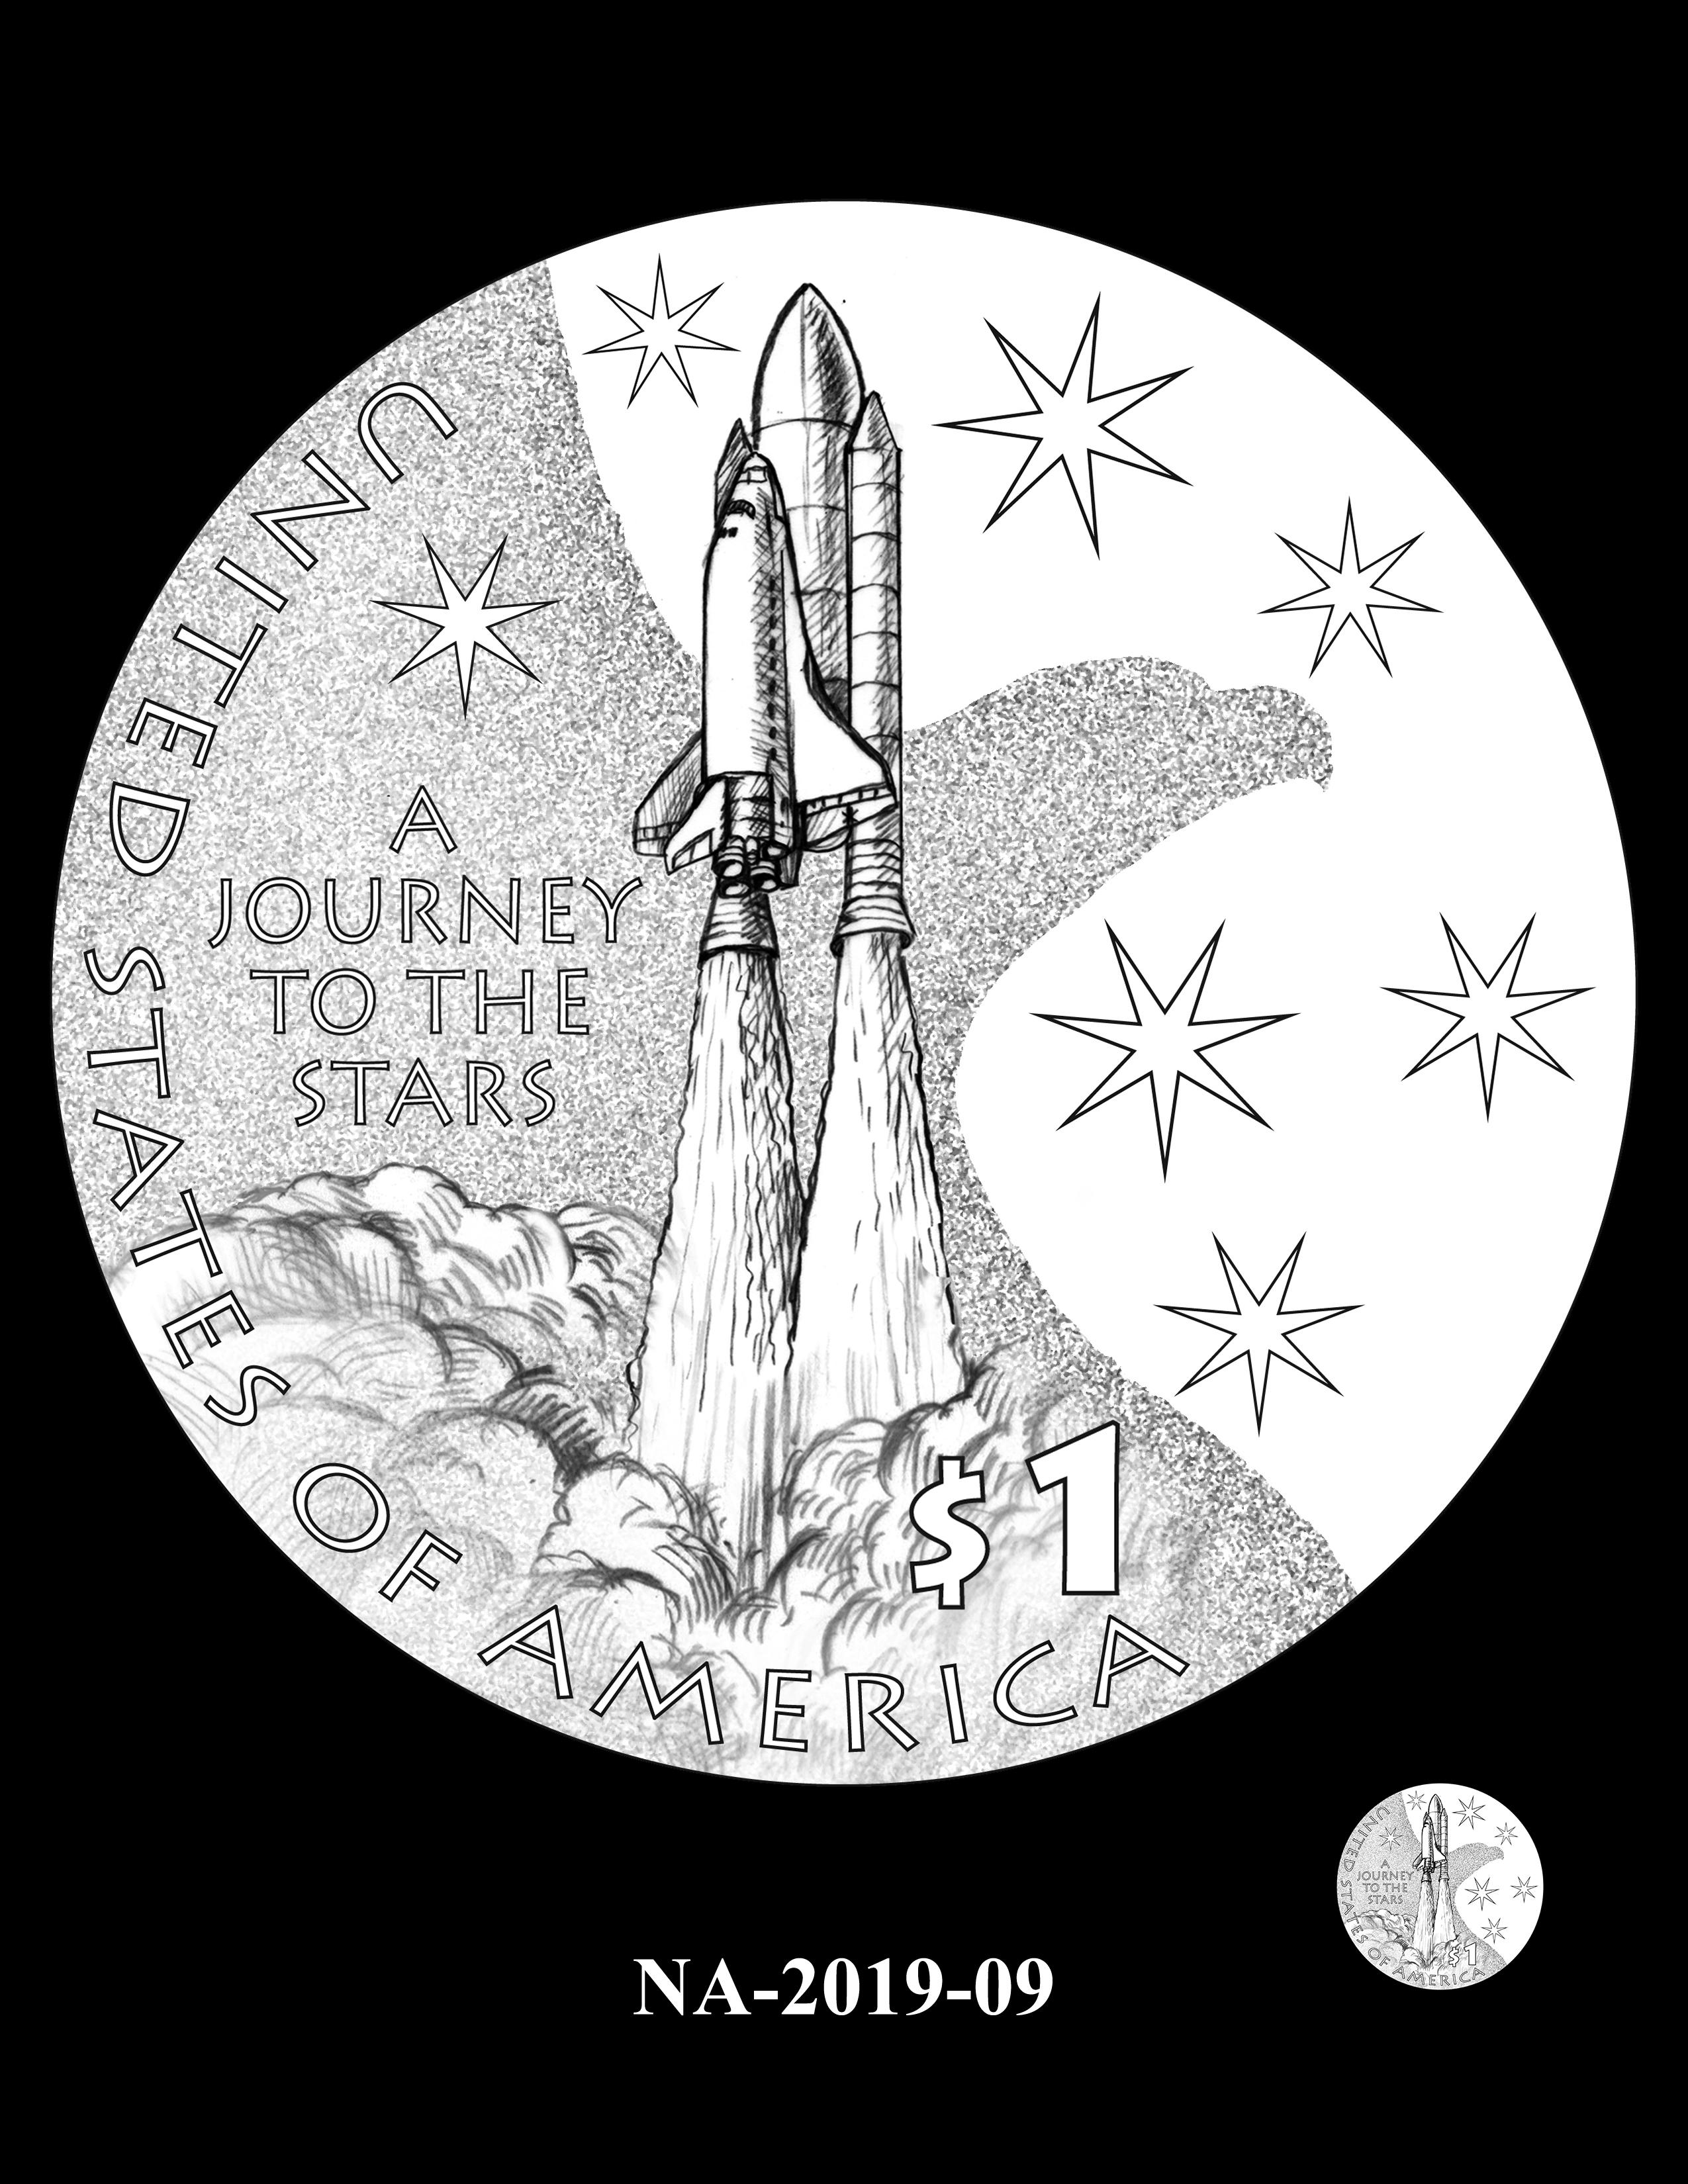 NA-2019-09 --2019 Native American $1 Coin